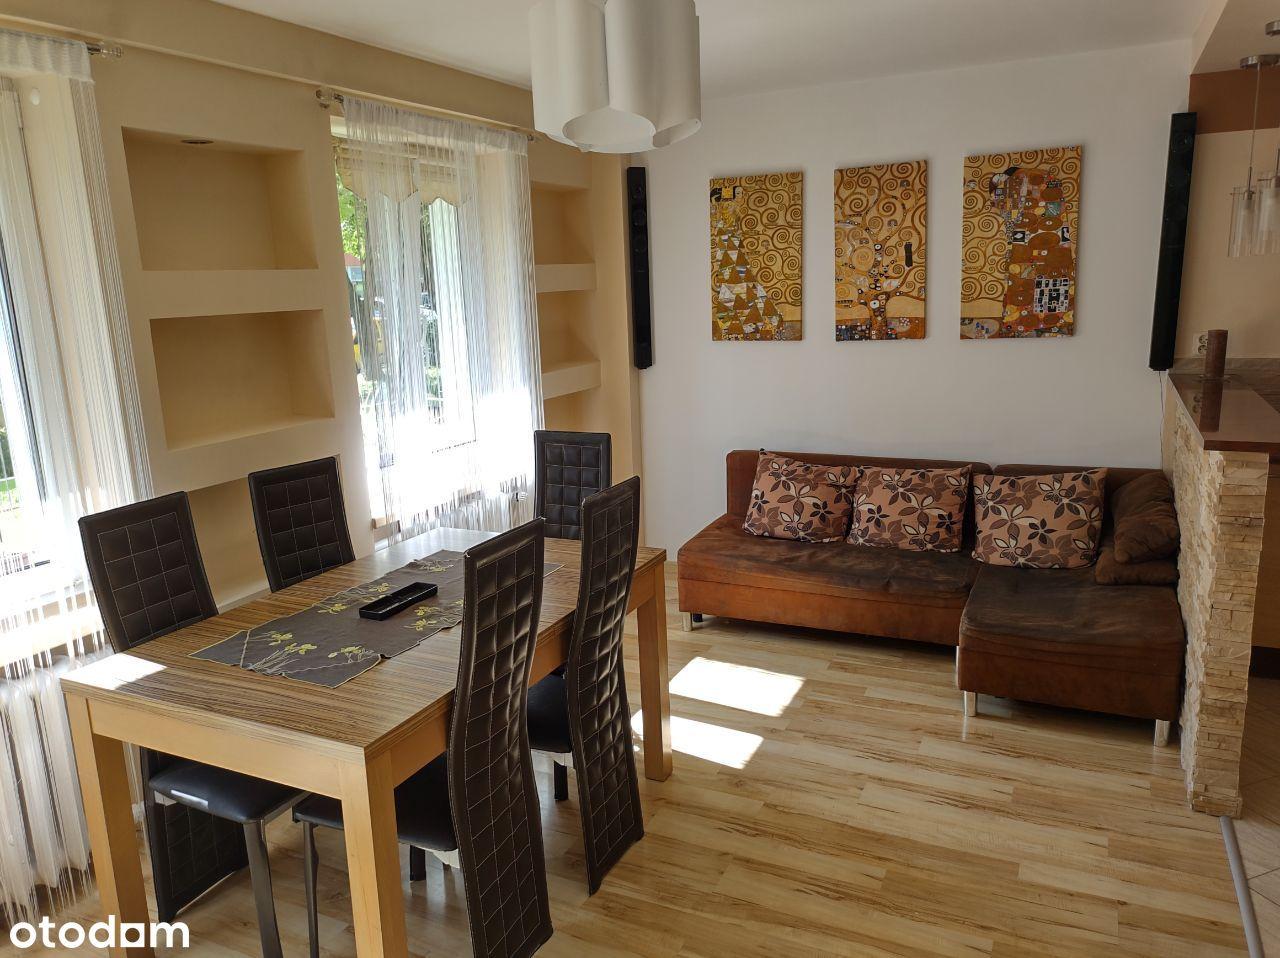 3-pokojowe mieszkanie bez piecyka - LSM Lublin